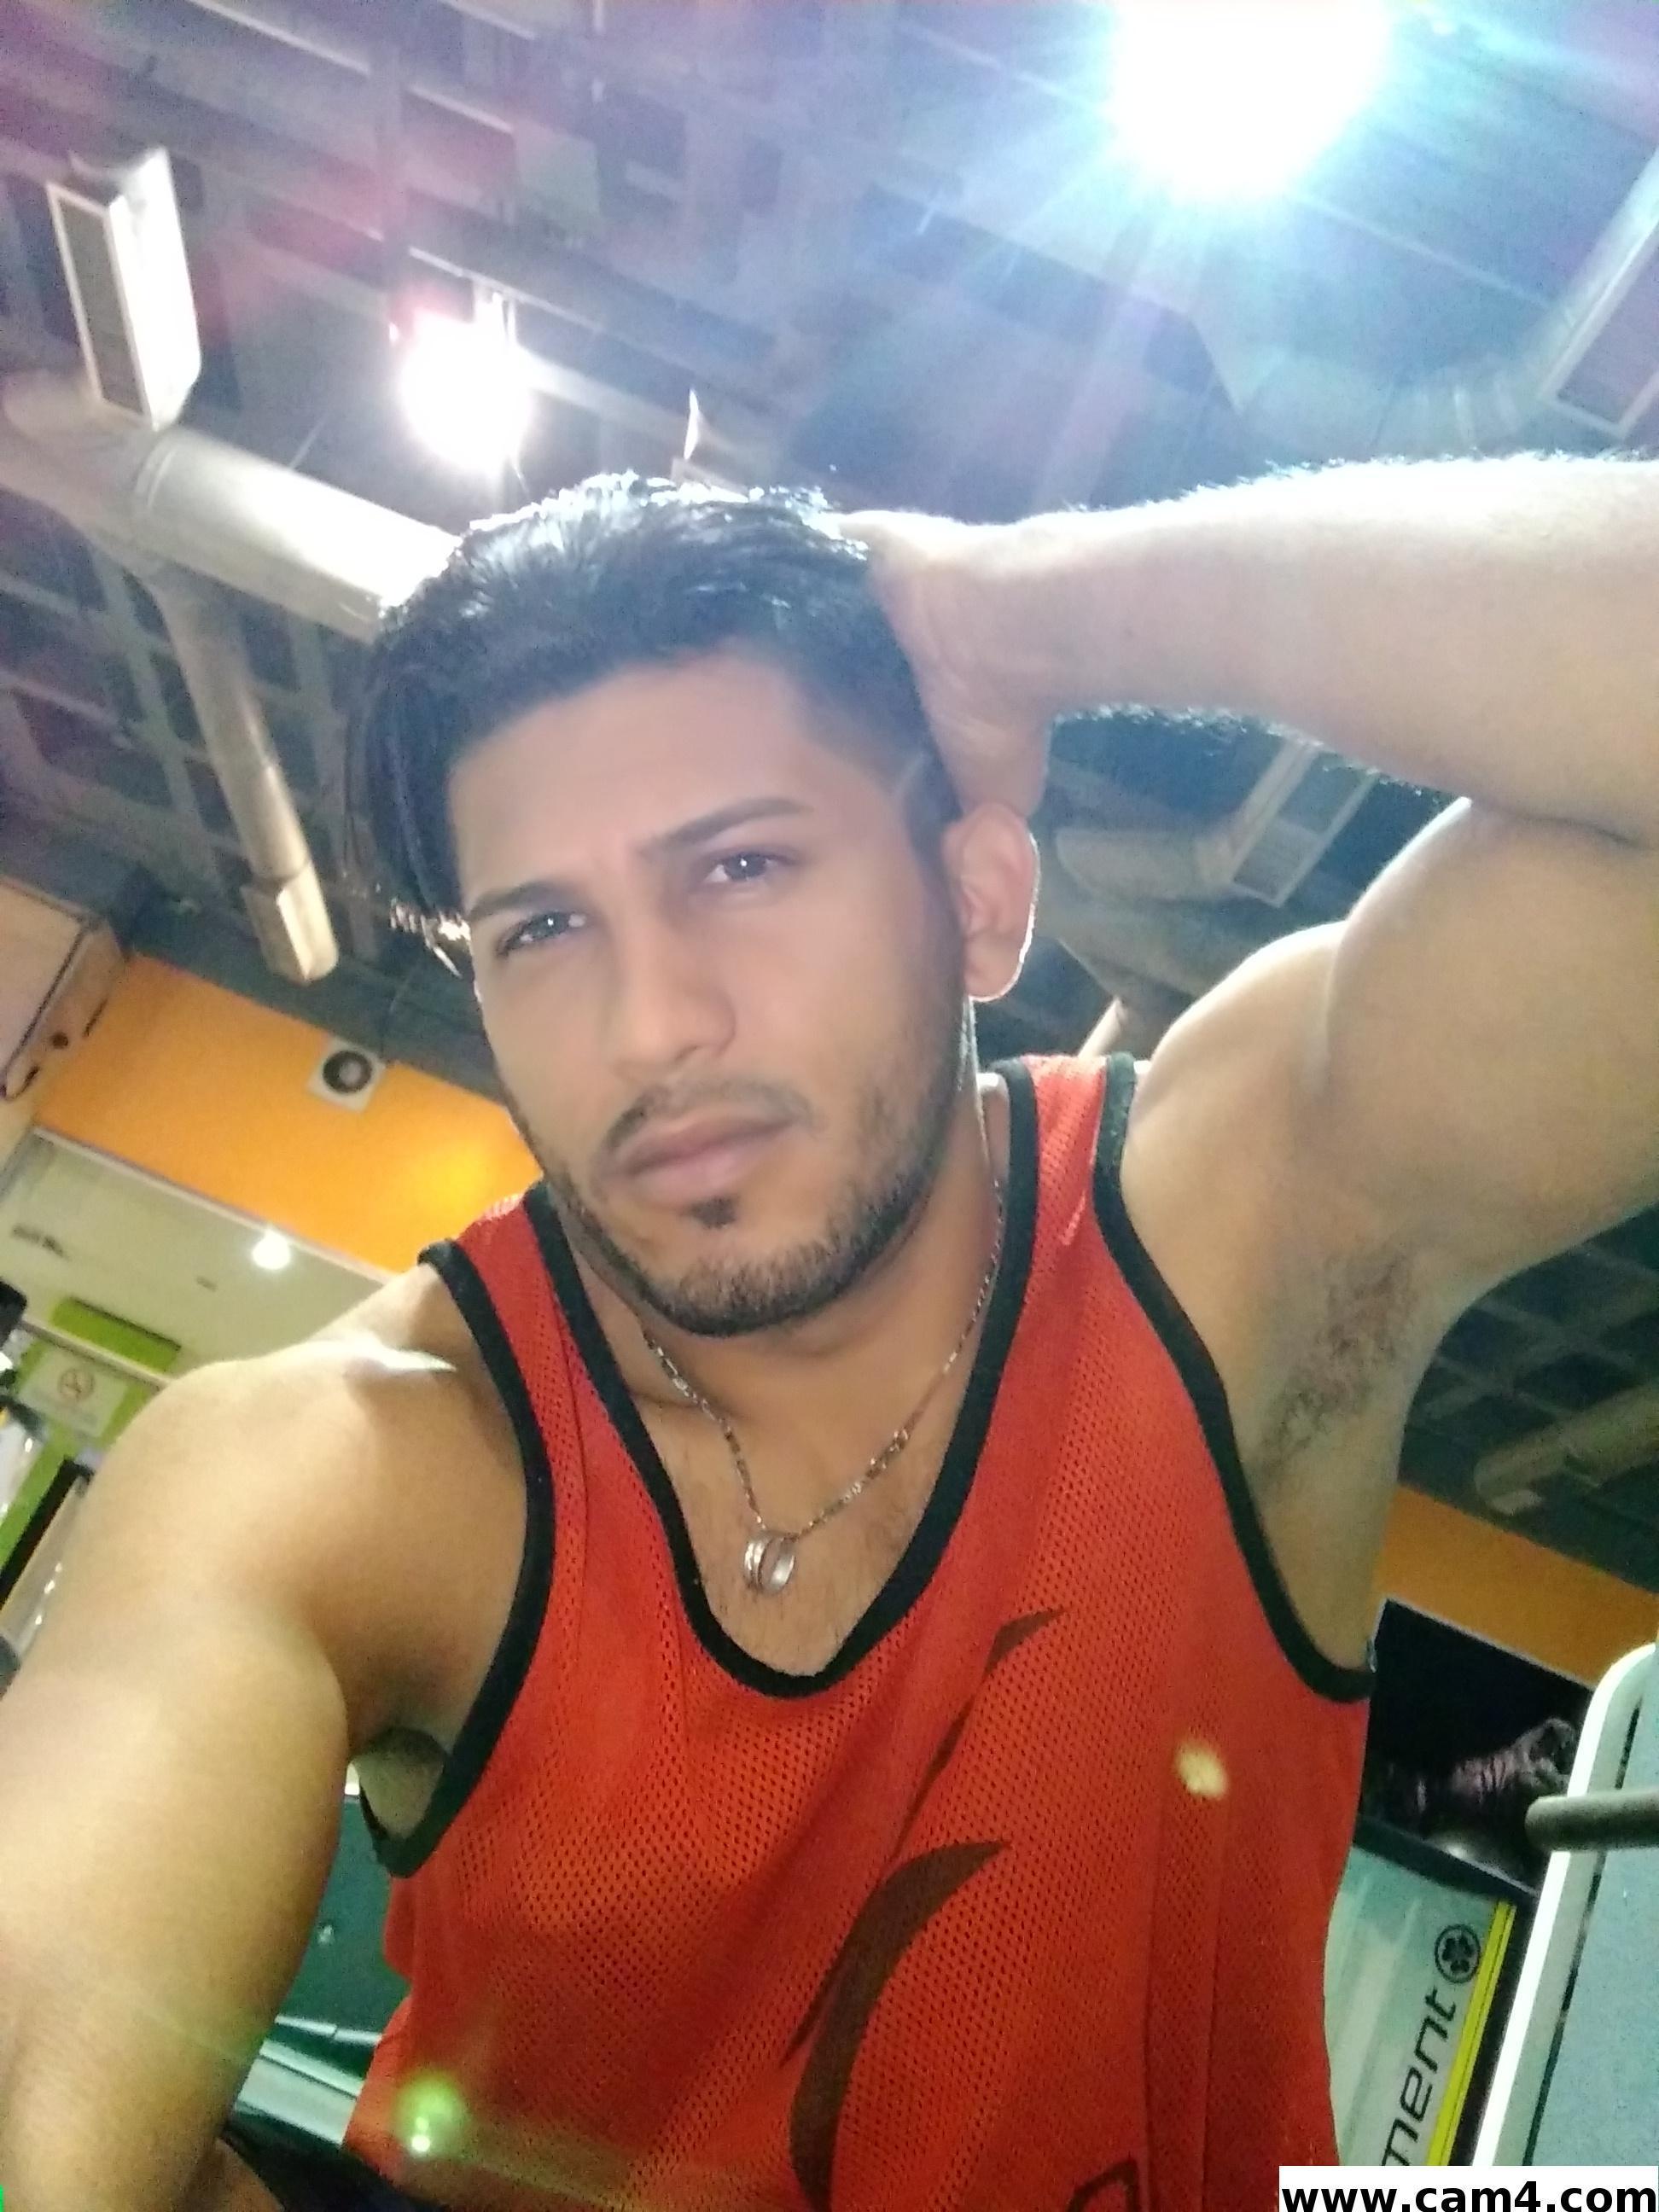 Ricardo0286?s=rv8k8ac40jc1snn2gbxfjgdj82nkcmyi9gxcxqol1ja=